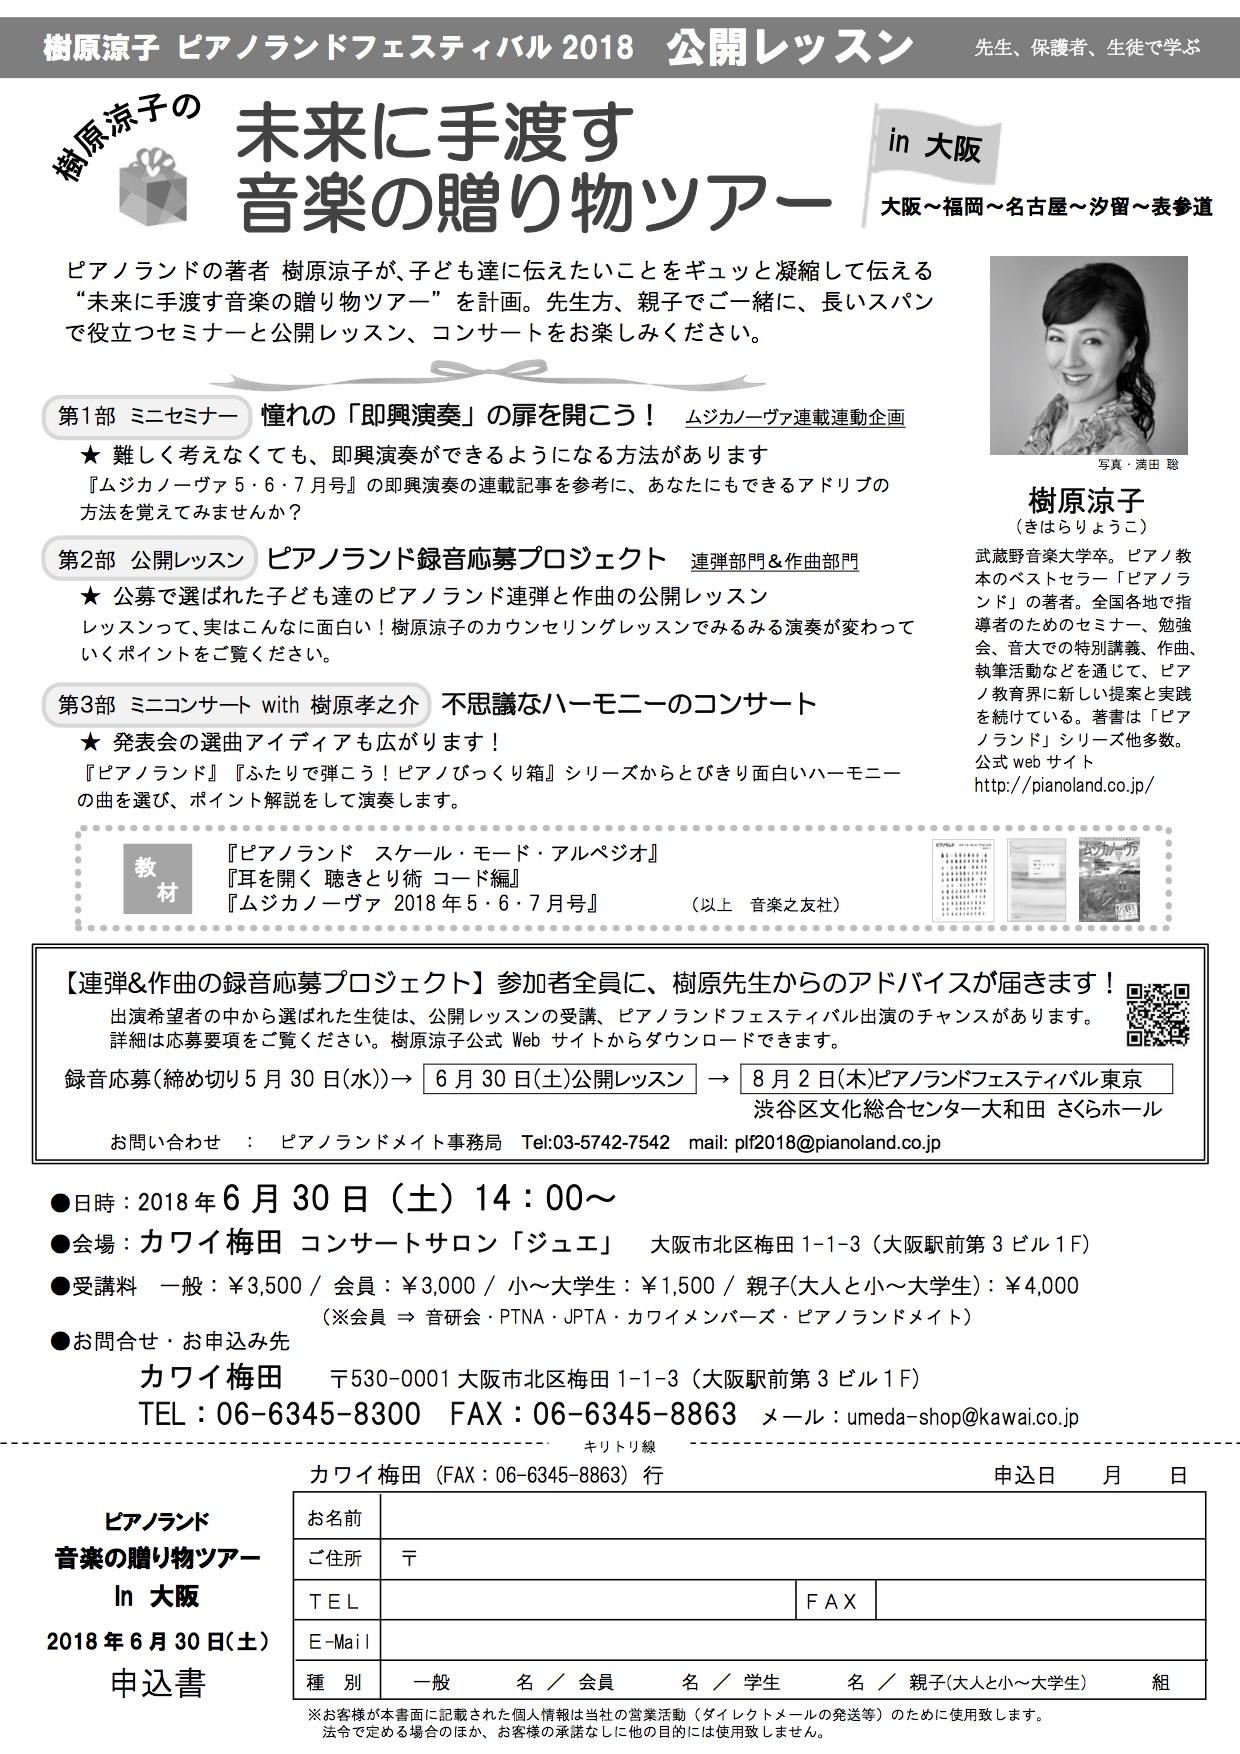 樹原涼子の 未来に手渡す音楽の贈り物ツアー in 大阪